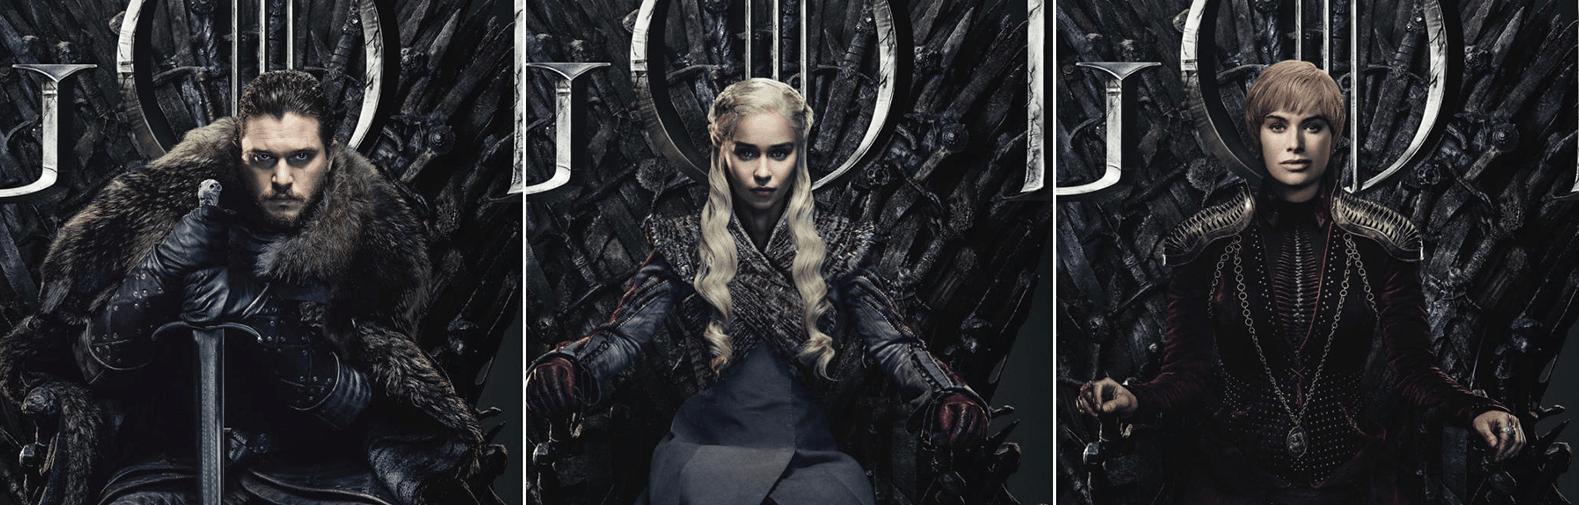 Šta nas likovi iz serije Game of Thrones mogu naučiti o liderstvu